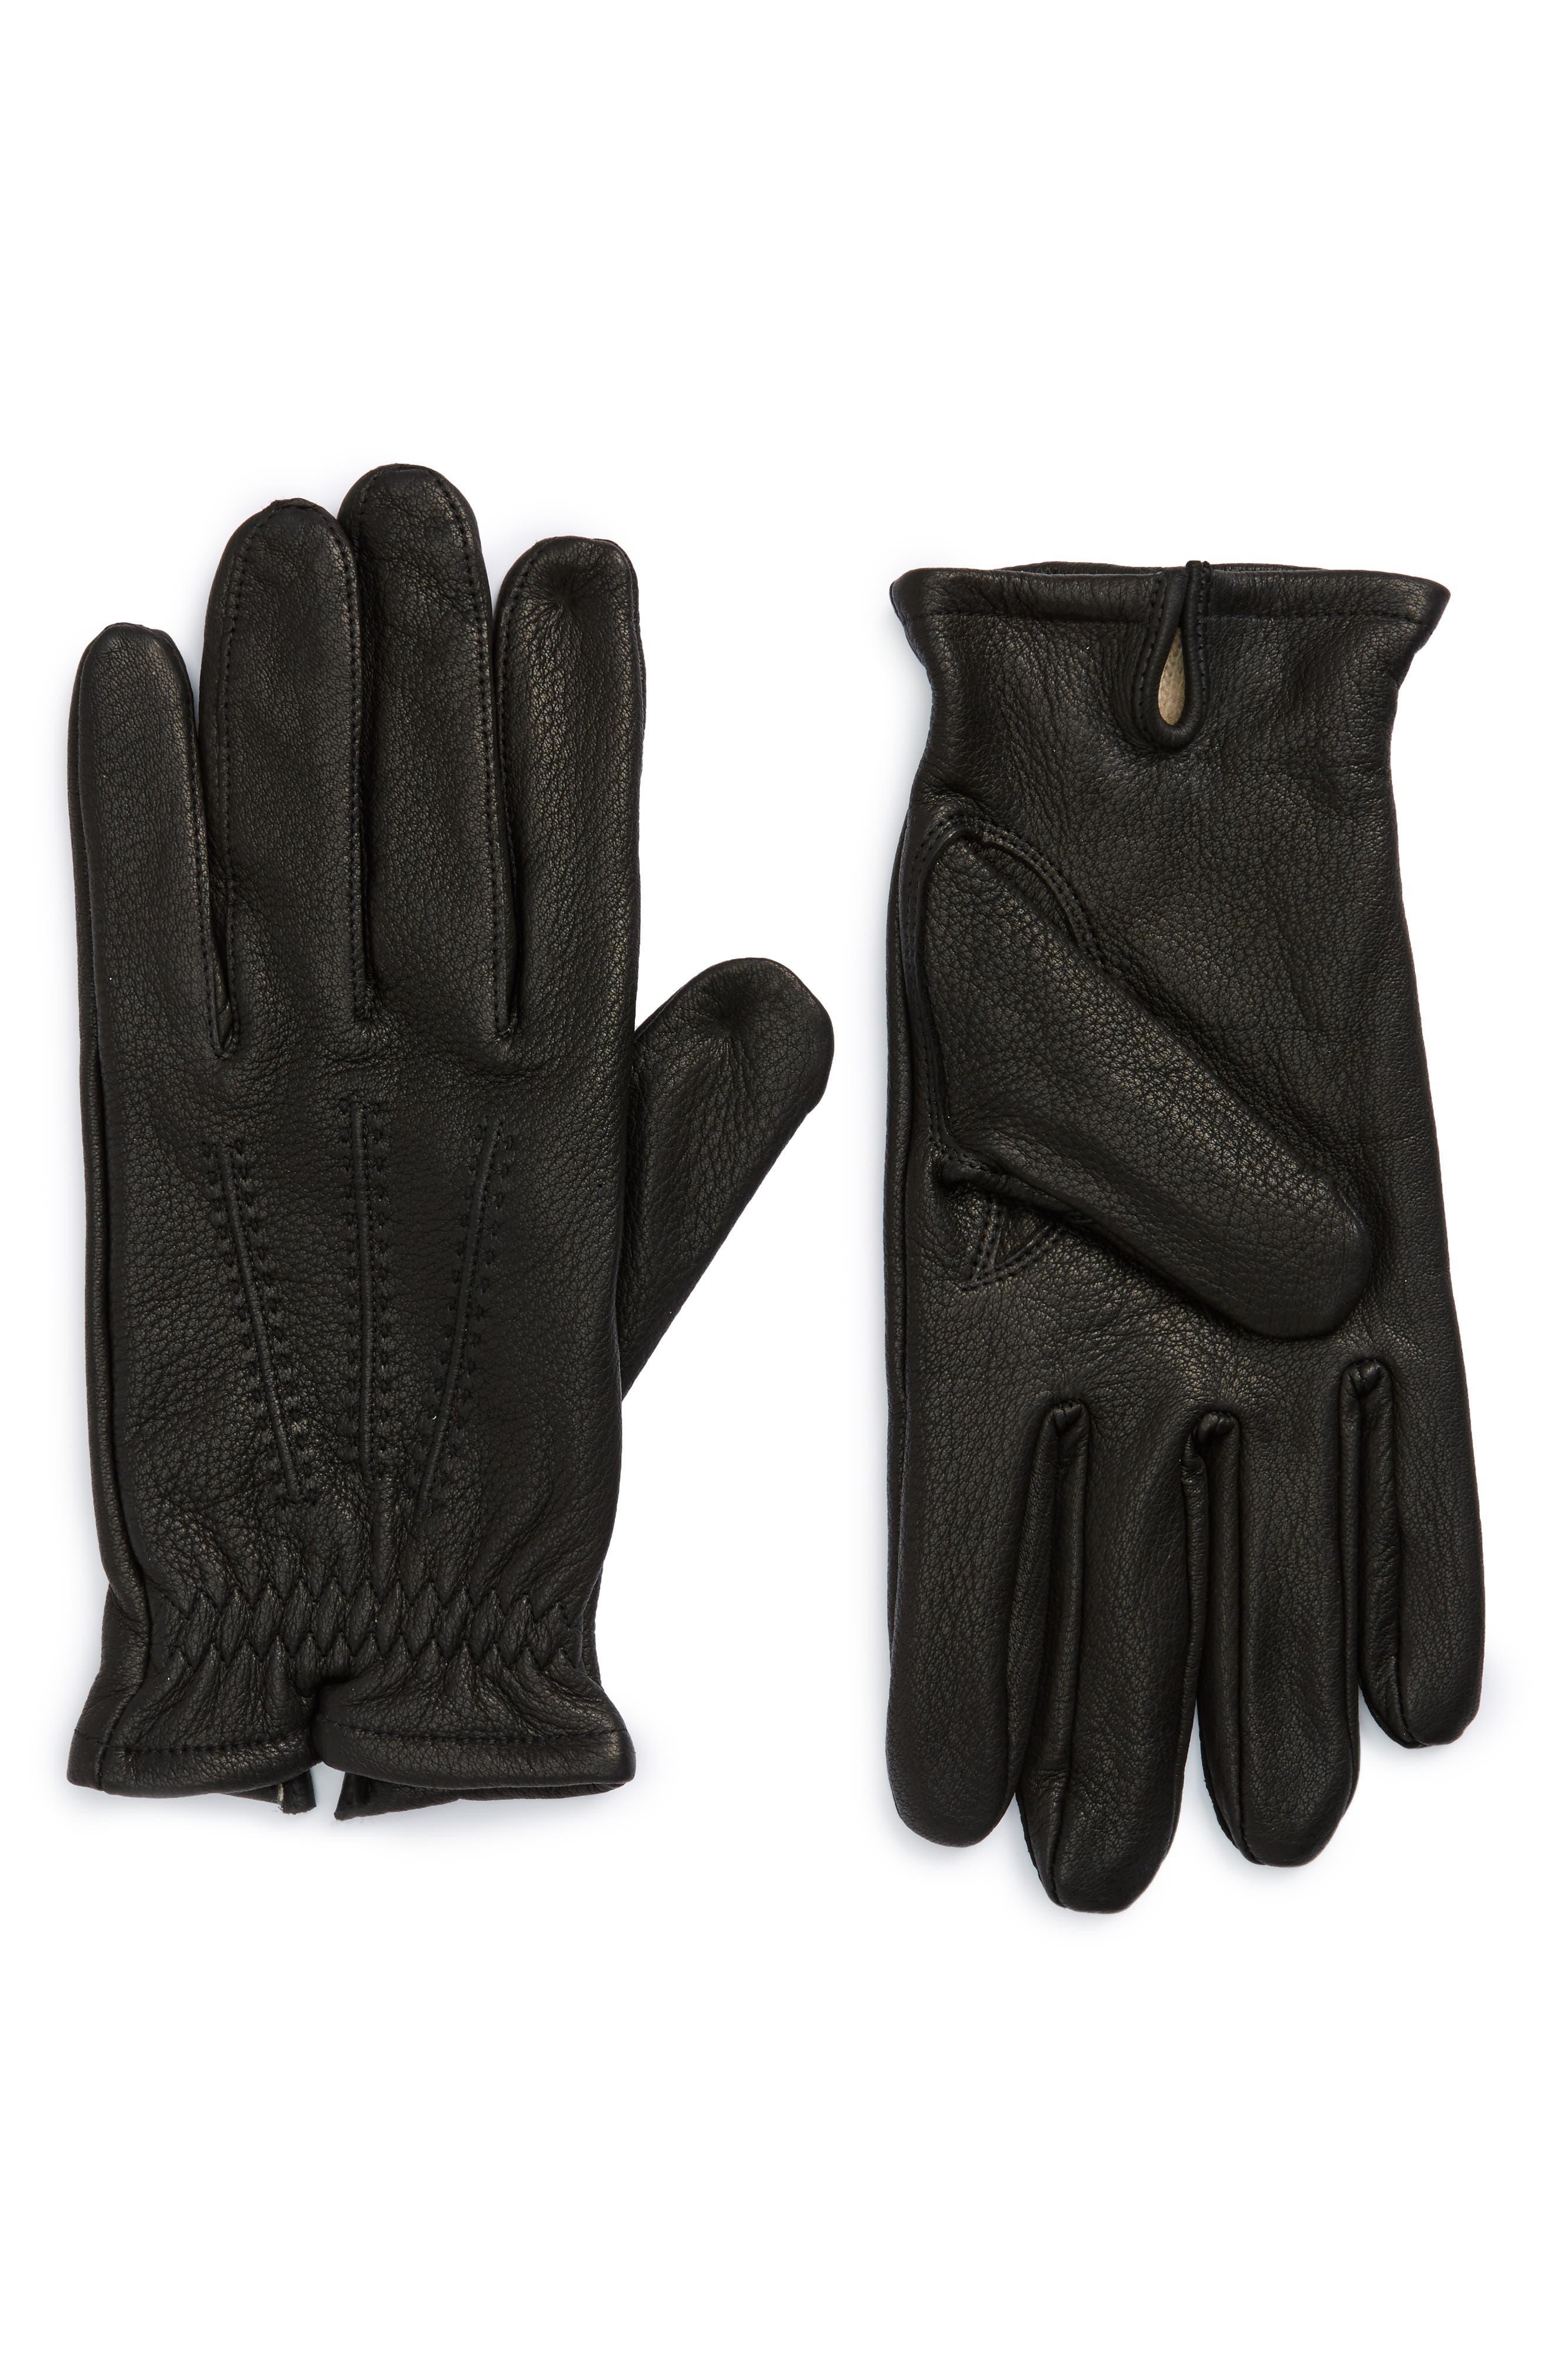 Nordstrom Men's Shop Deerskin Leather Gloves